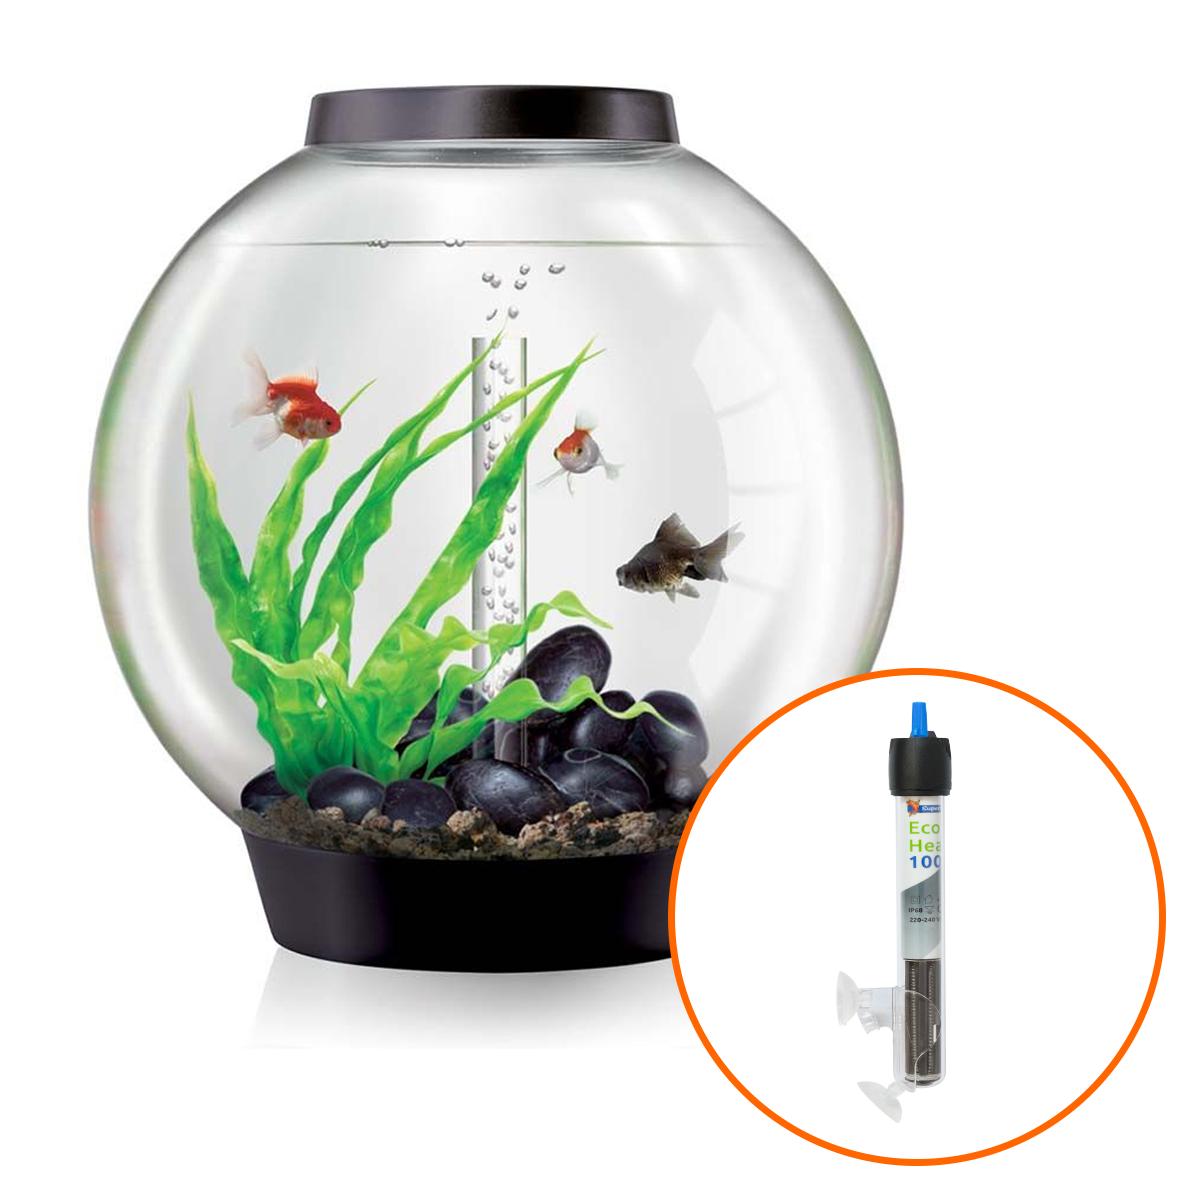 thumbnail 9 - BIORB CLASSIC AQUARIUM ACRYLIC FISH TANK COMPLETE SETUP LED LIGHTING FILTER UNIT